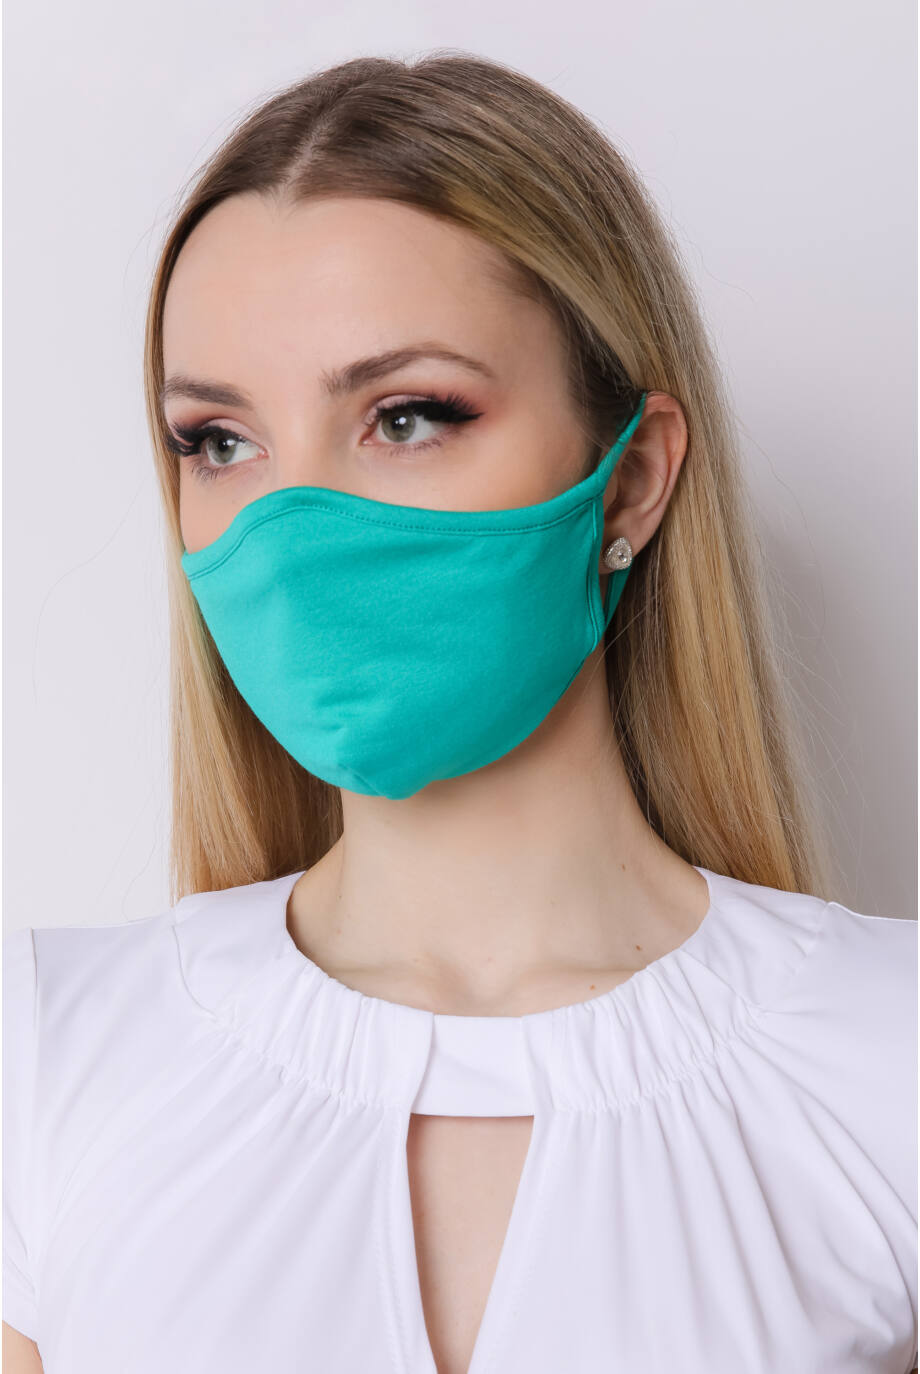 textil_egyszinu_szajmaszk_arcmaszk_zöld